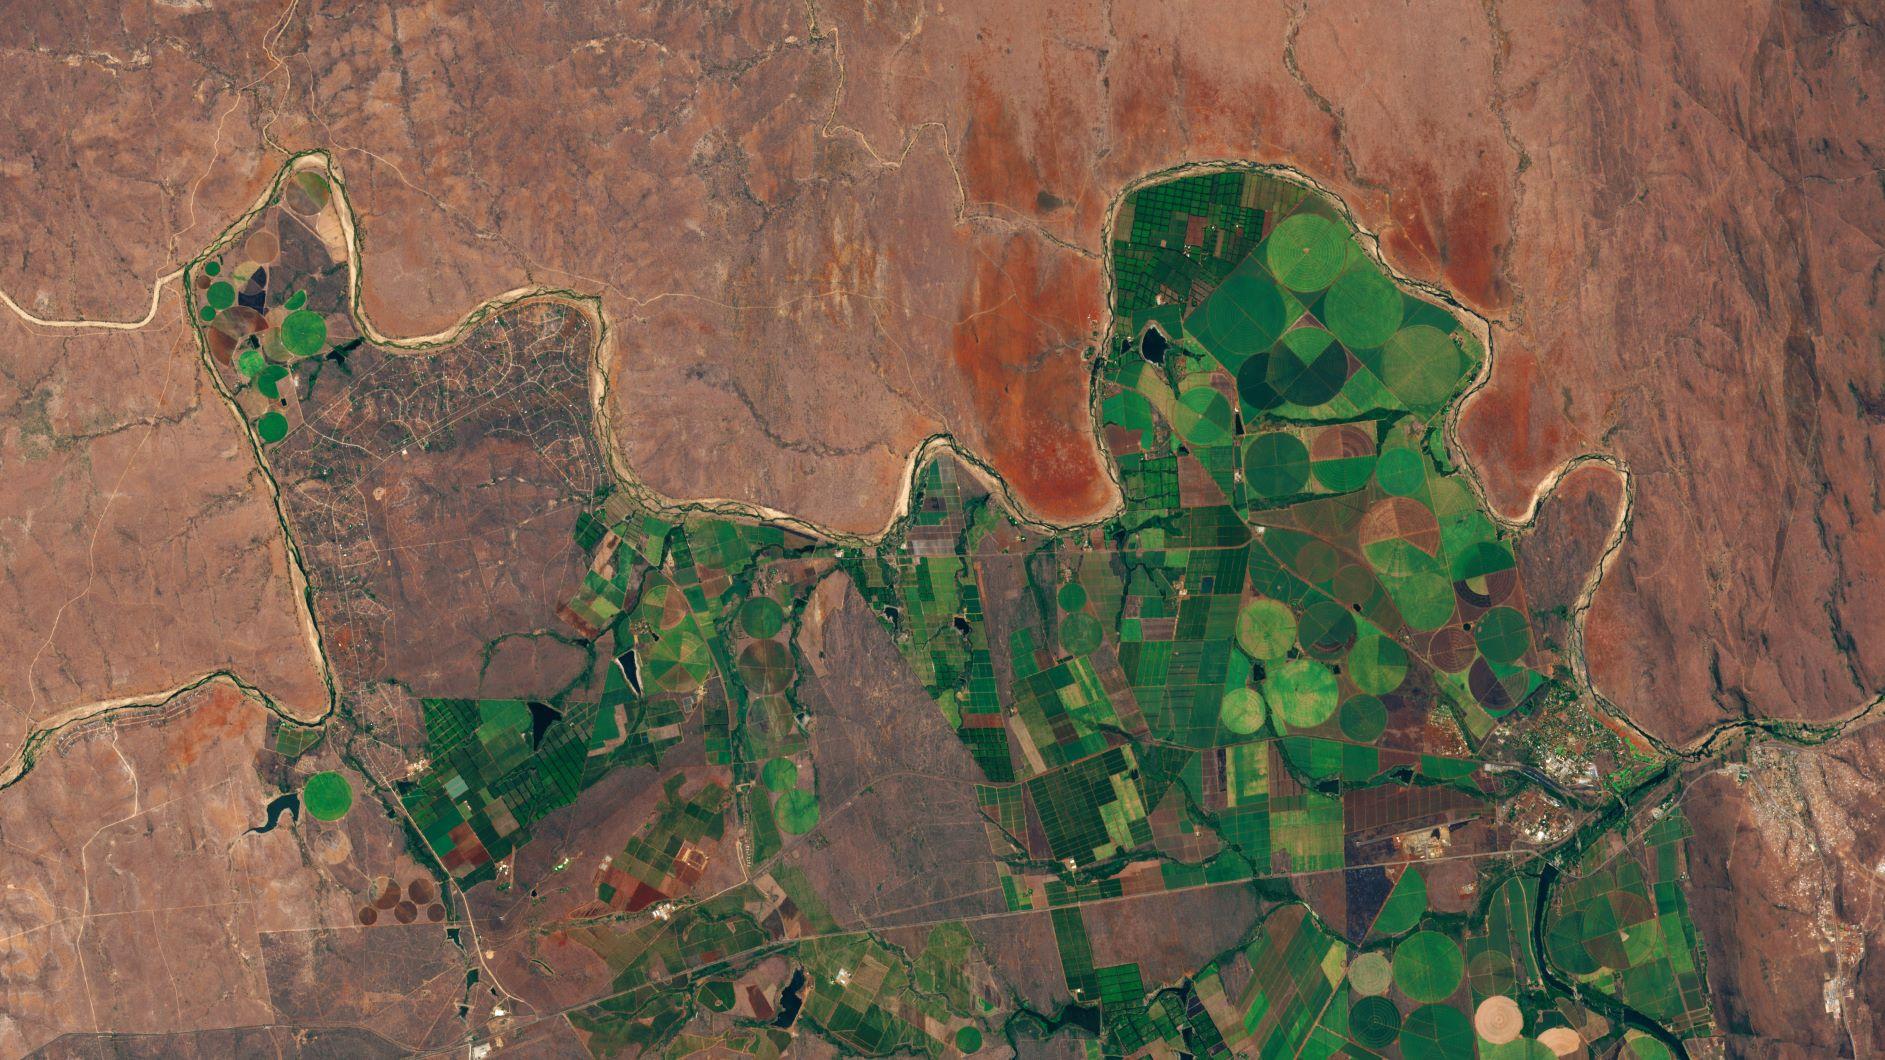 Zdjęcia satelitarne w misji zrównoważonego rozwoju Ziemi